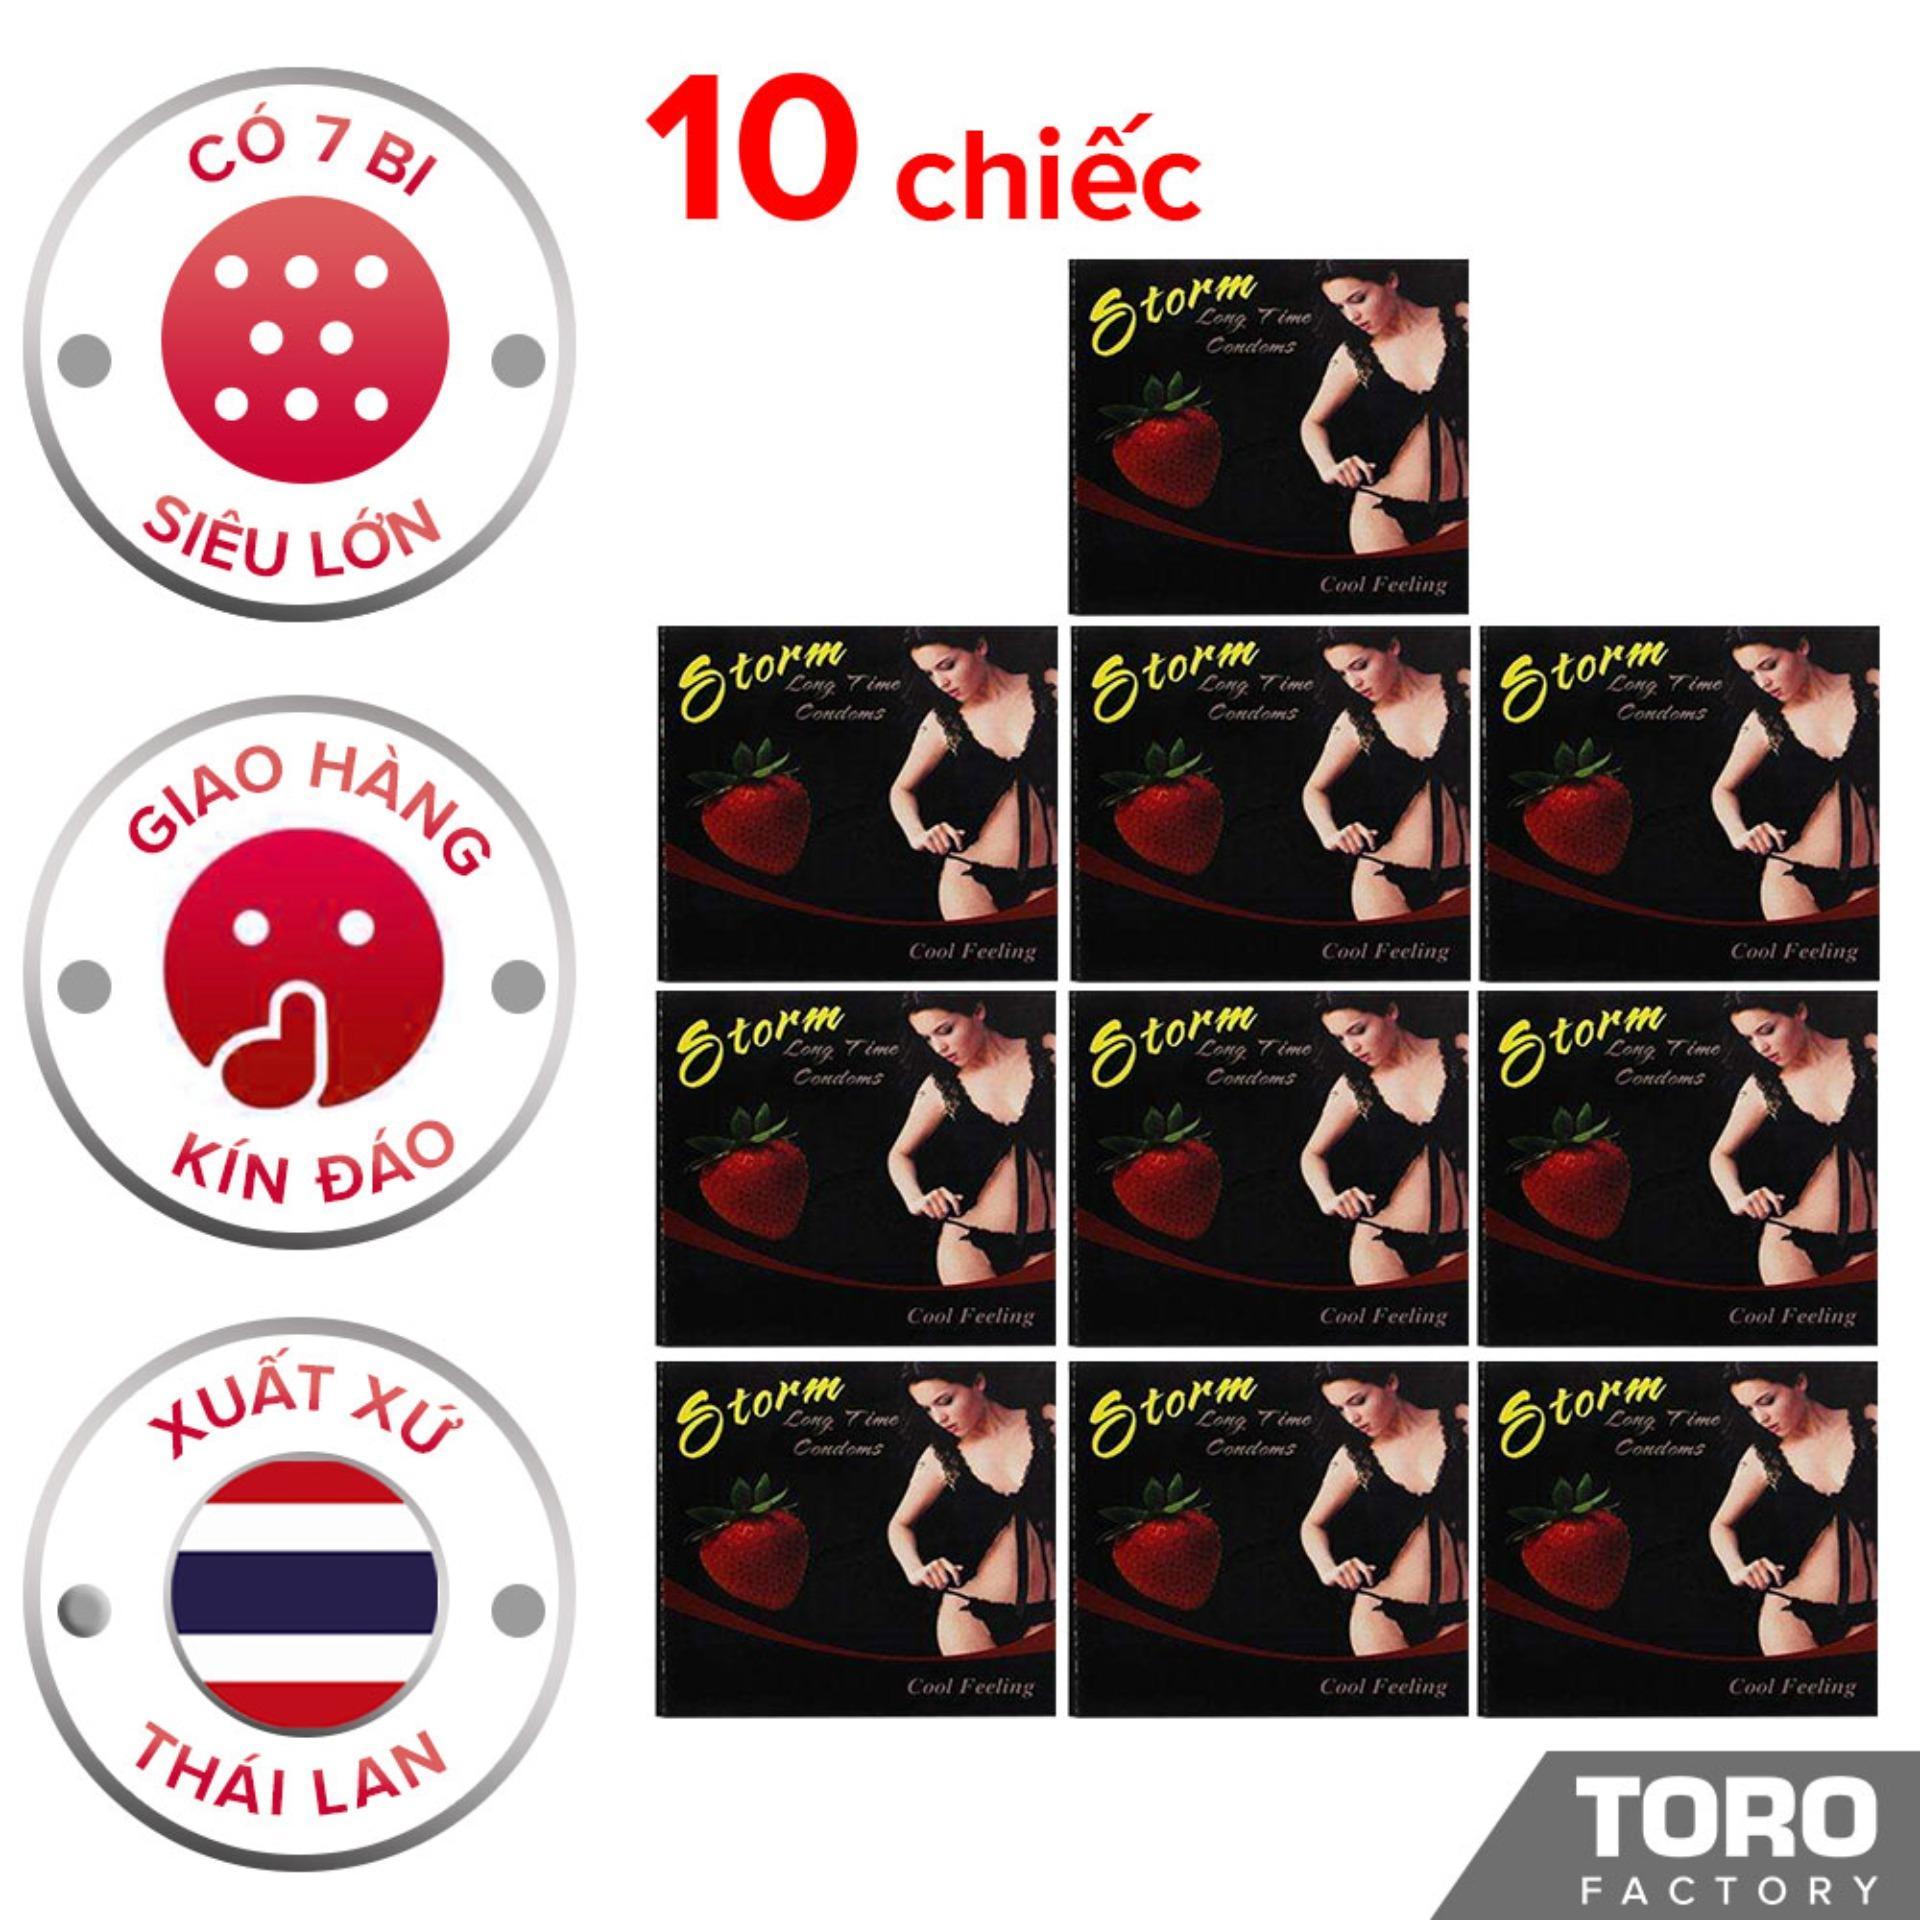 [10 chiếc] Bộ 10 Bao cao su Storm Thái Lan ( 7 bi) thiết kế phần đầu  - Toro chính hãng